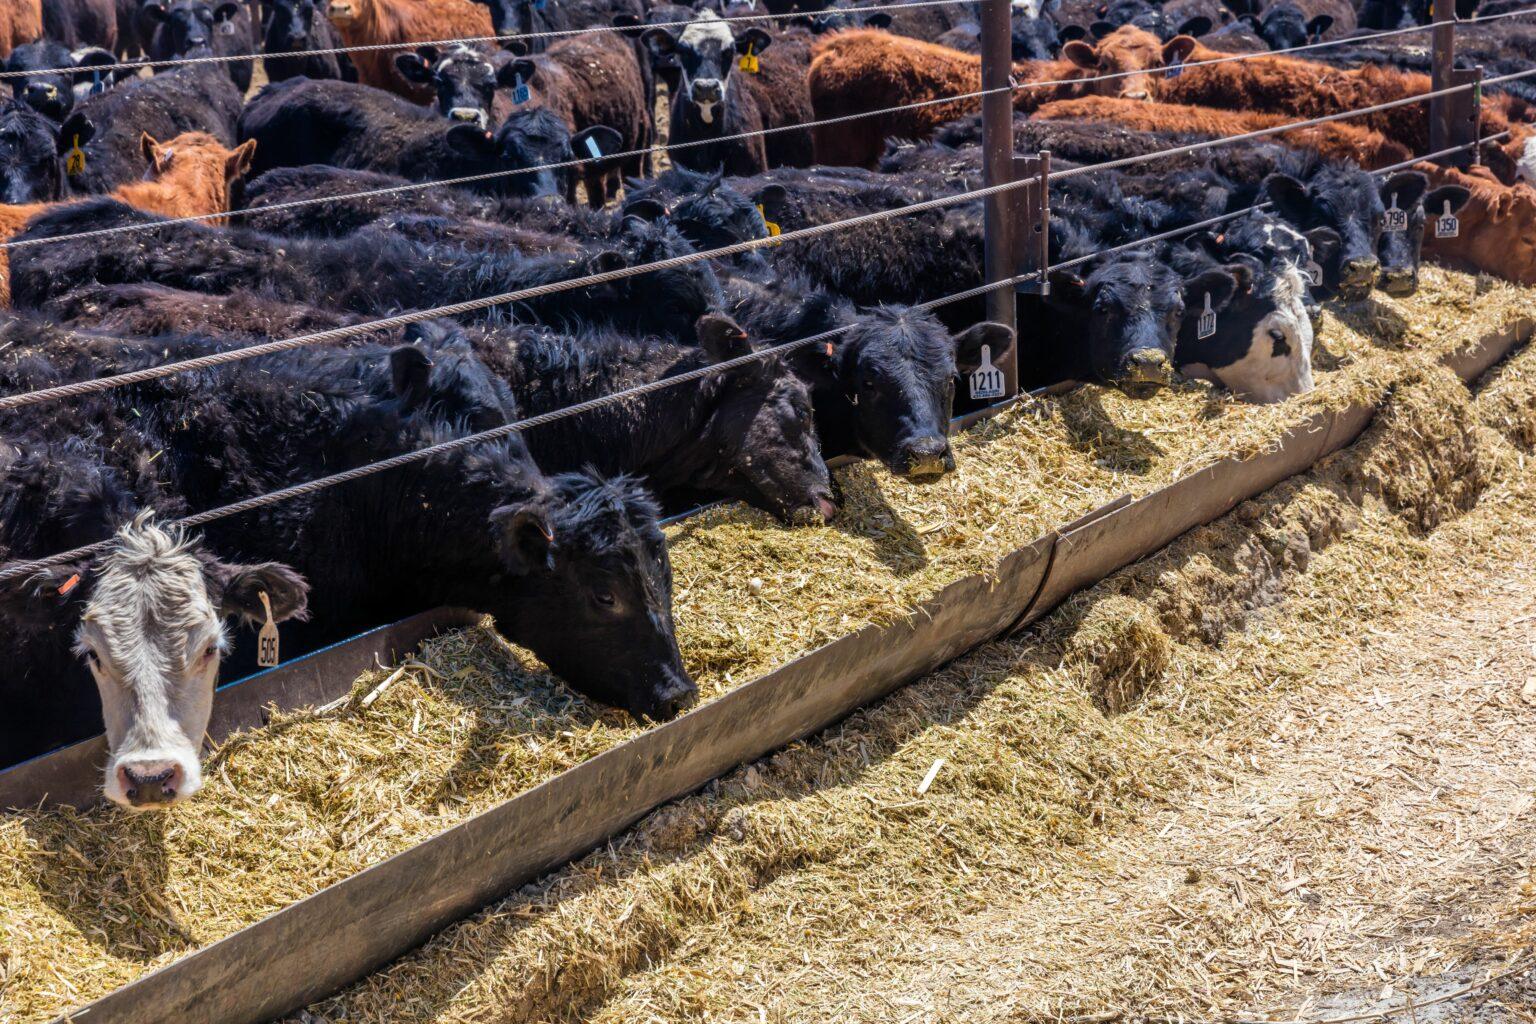 Cattle - Hereford eating hay in cattle feedlot, La Salle, Utah